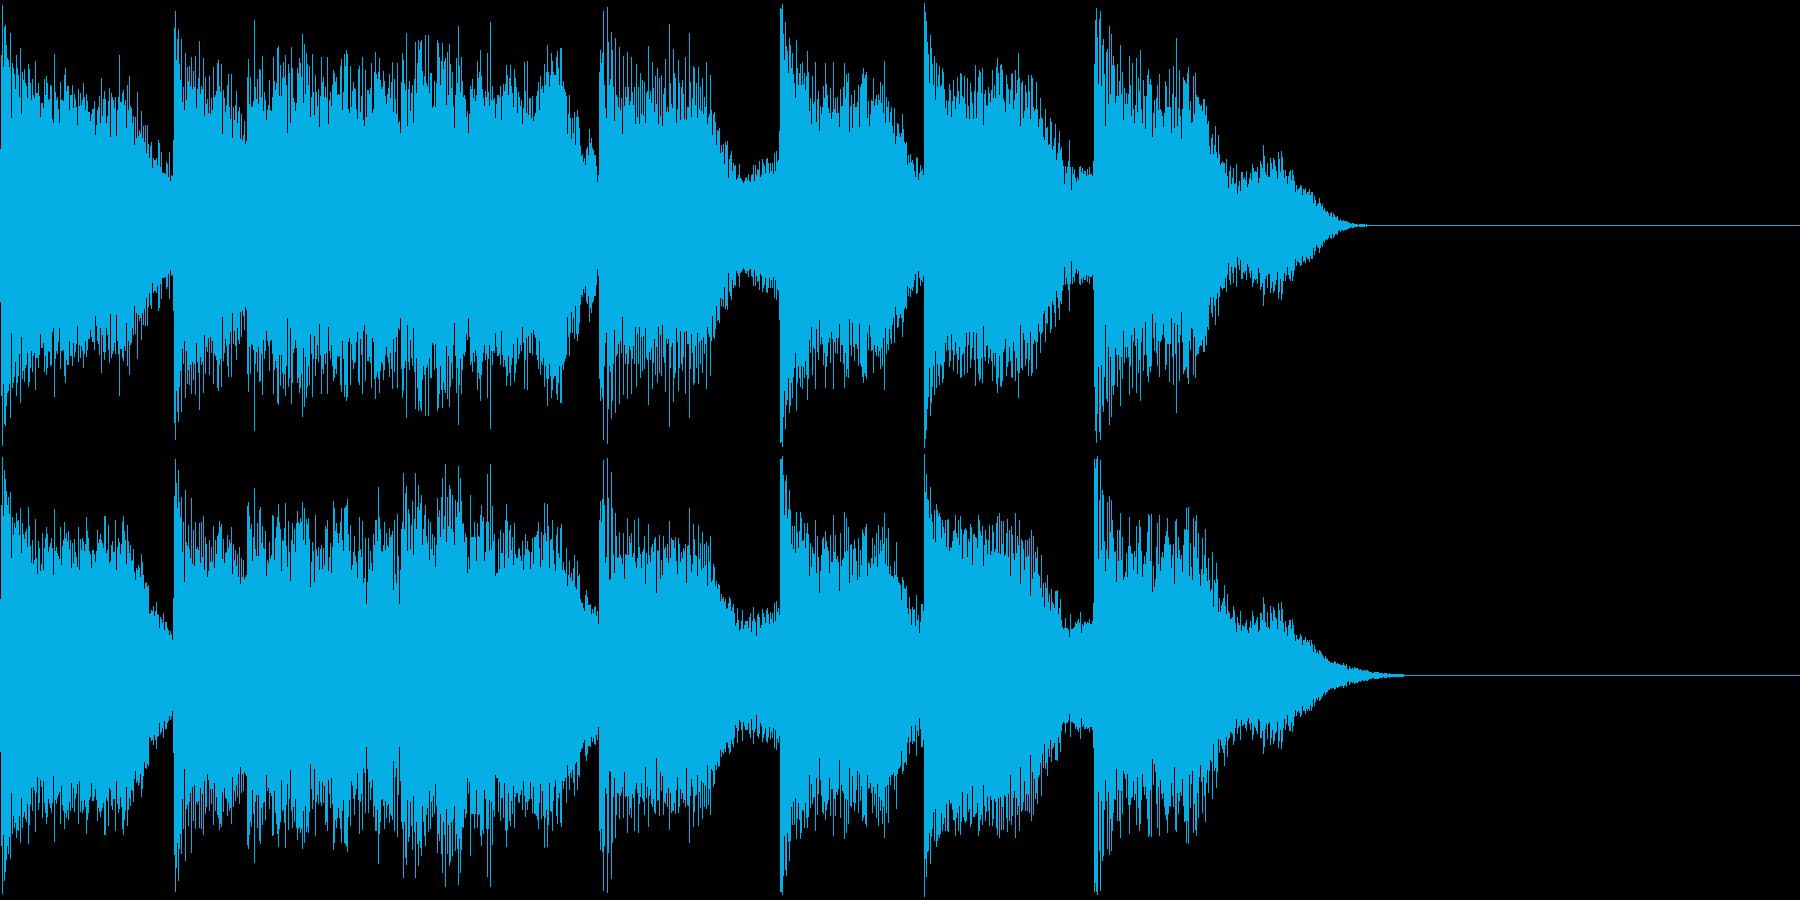 AI メカ/ロボ/マシン動作音 37の再生済みの波形